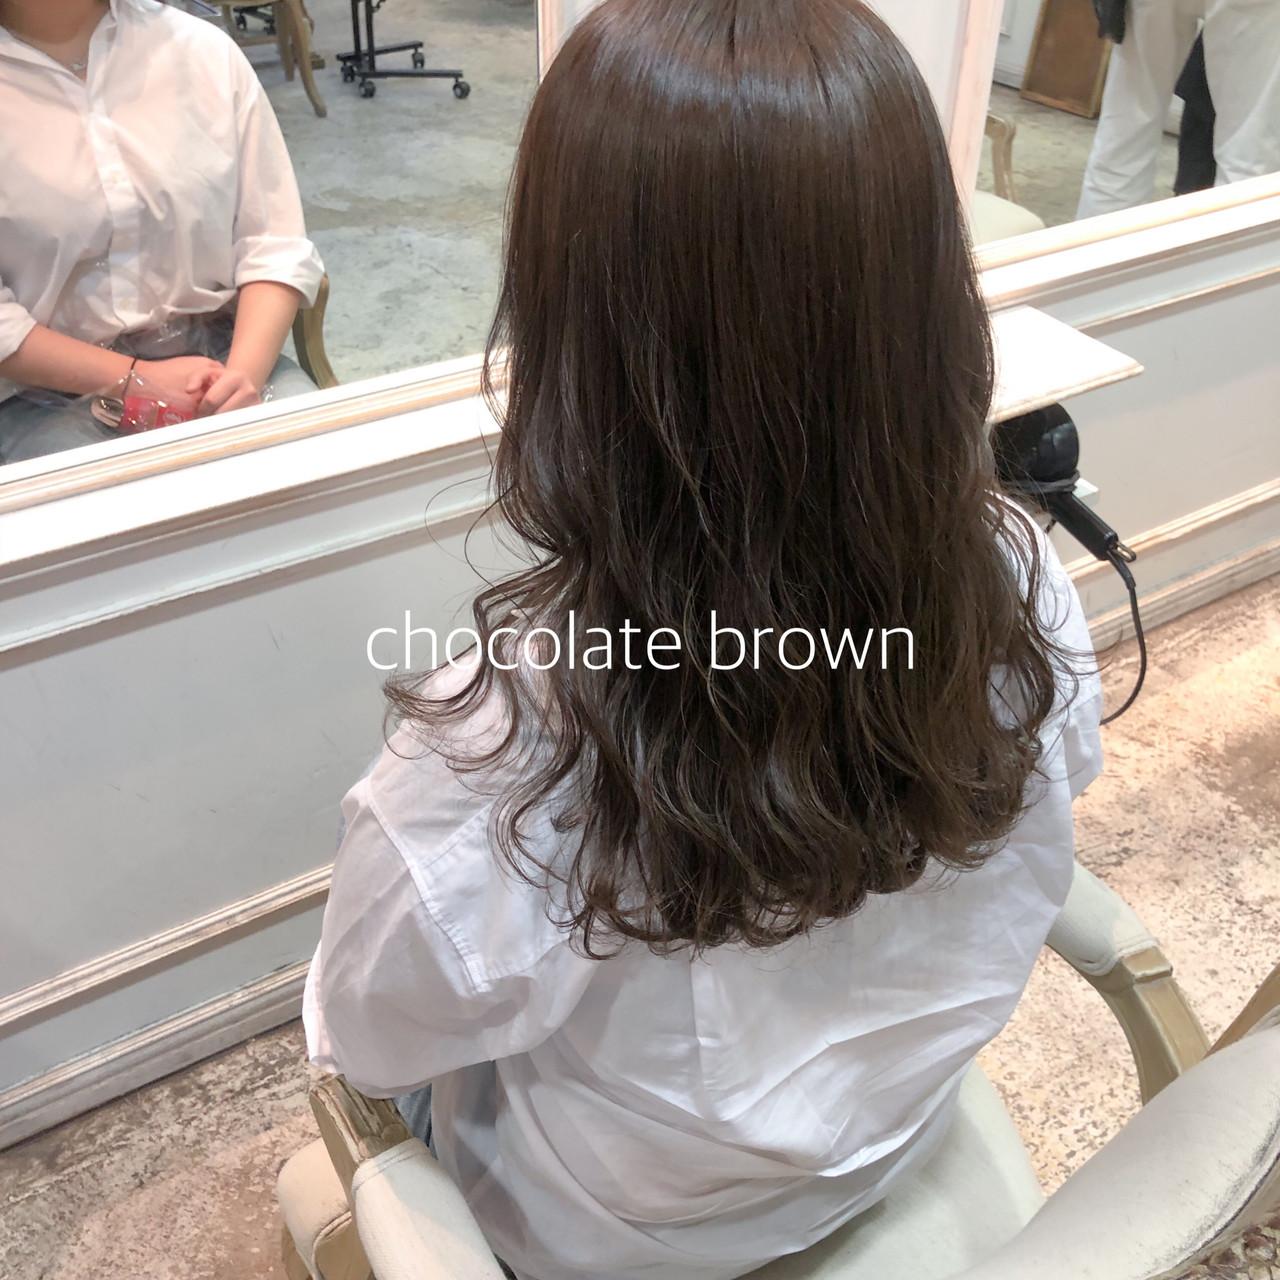 ミディアム ミルクティーベージュ ヘアカラー チョコレート ヘアスタイルや髪型の写真・画像 | ikeo gaku / H-eitf